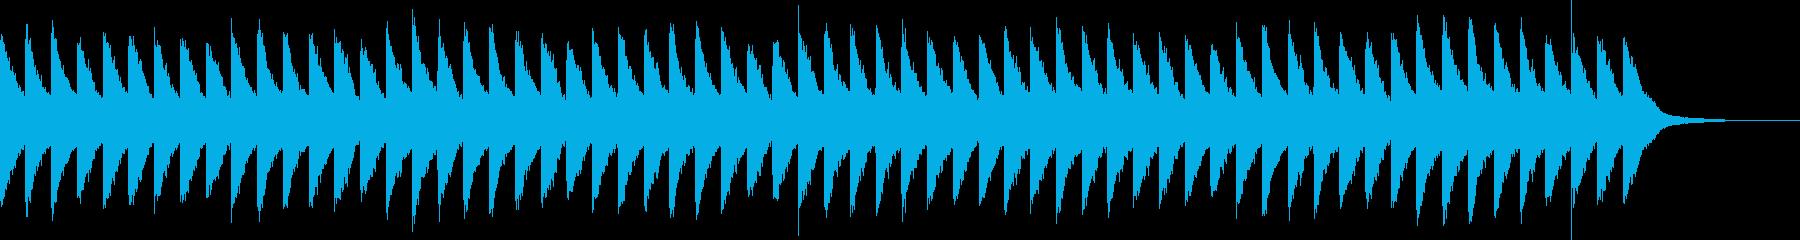 カンカンカン...。踏切B(高・長)の再生済みの波形